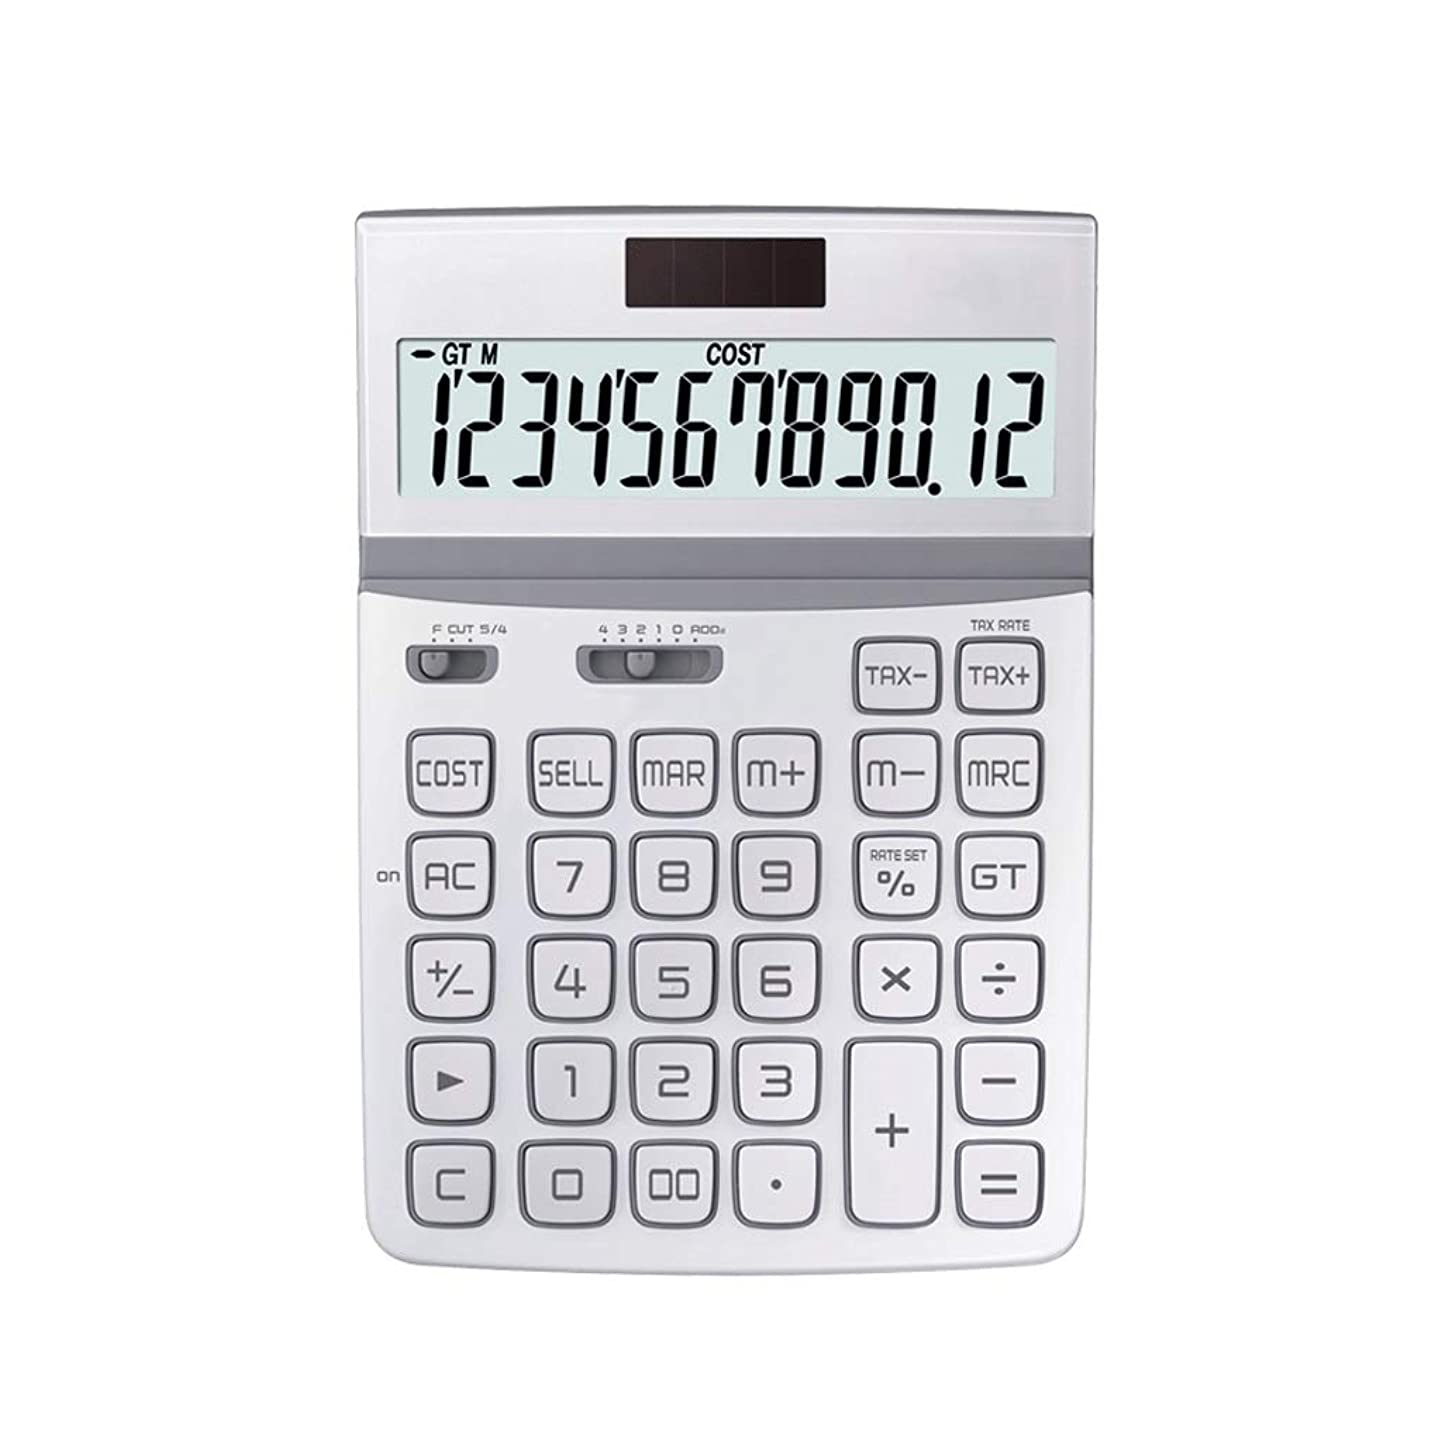 ネズミ形成反響する事務所 大画面12ビットデジタルHDディスプレイ保護アイソーラーボタンバッテリー二重保険金融電卓 算数 (Color : White)